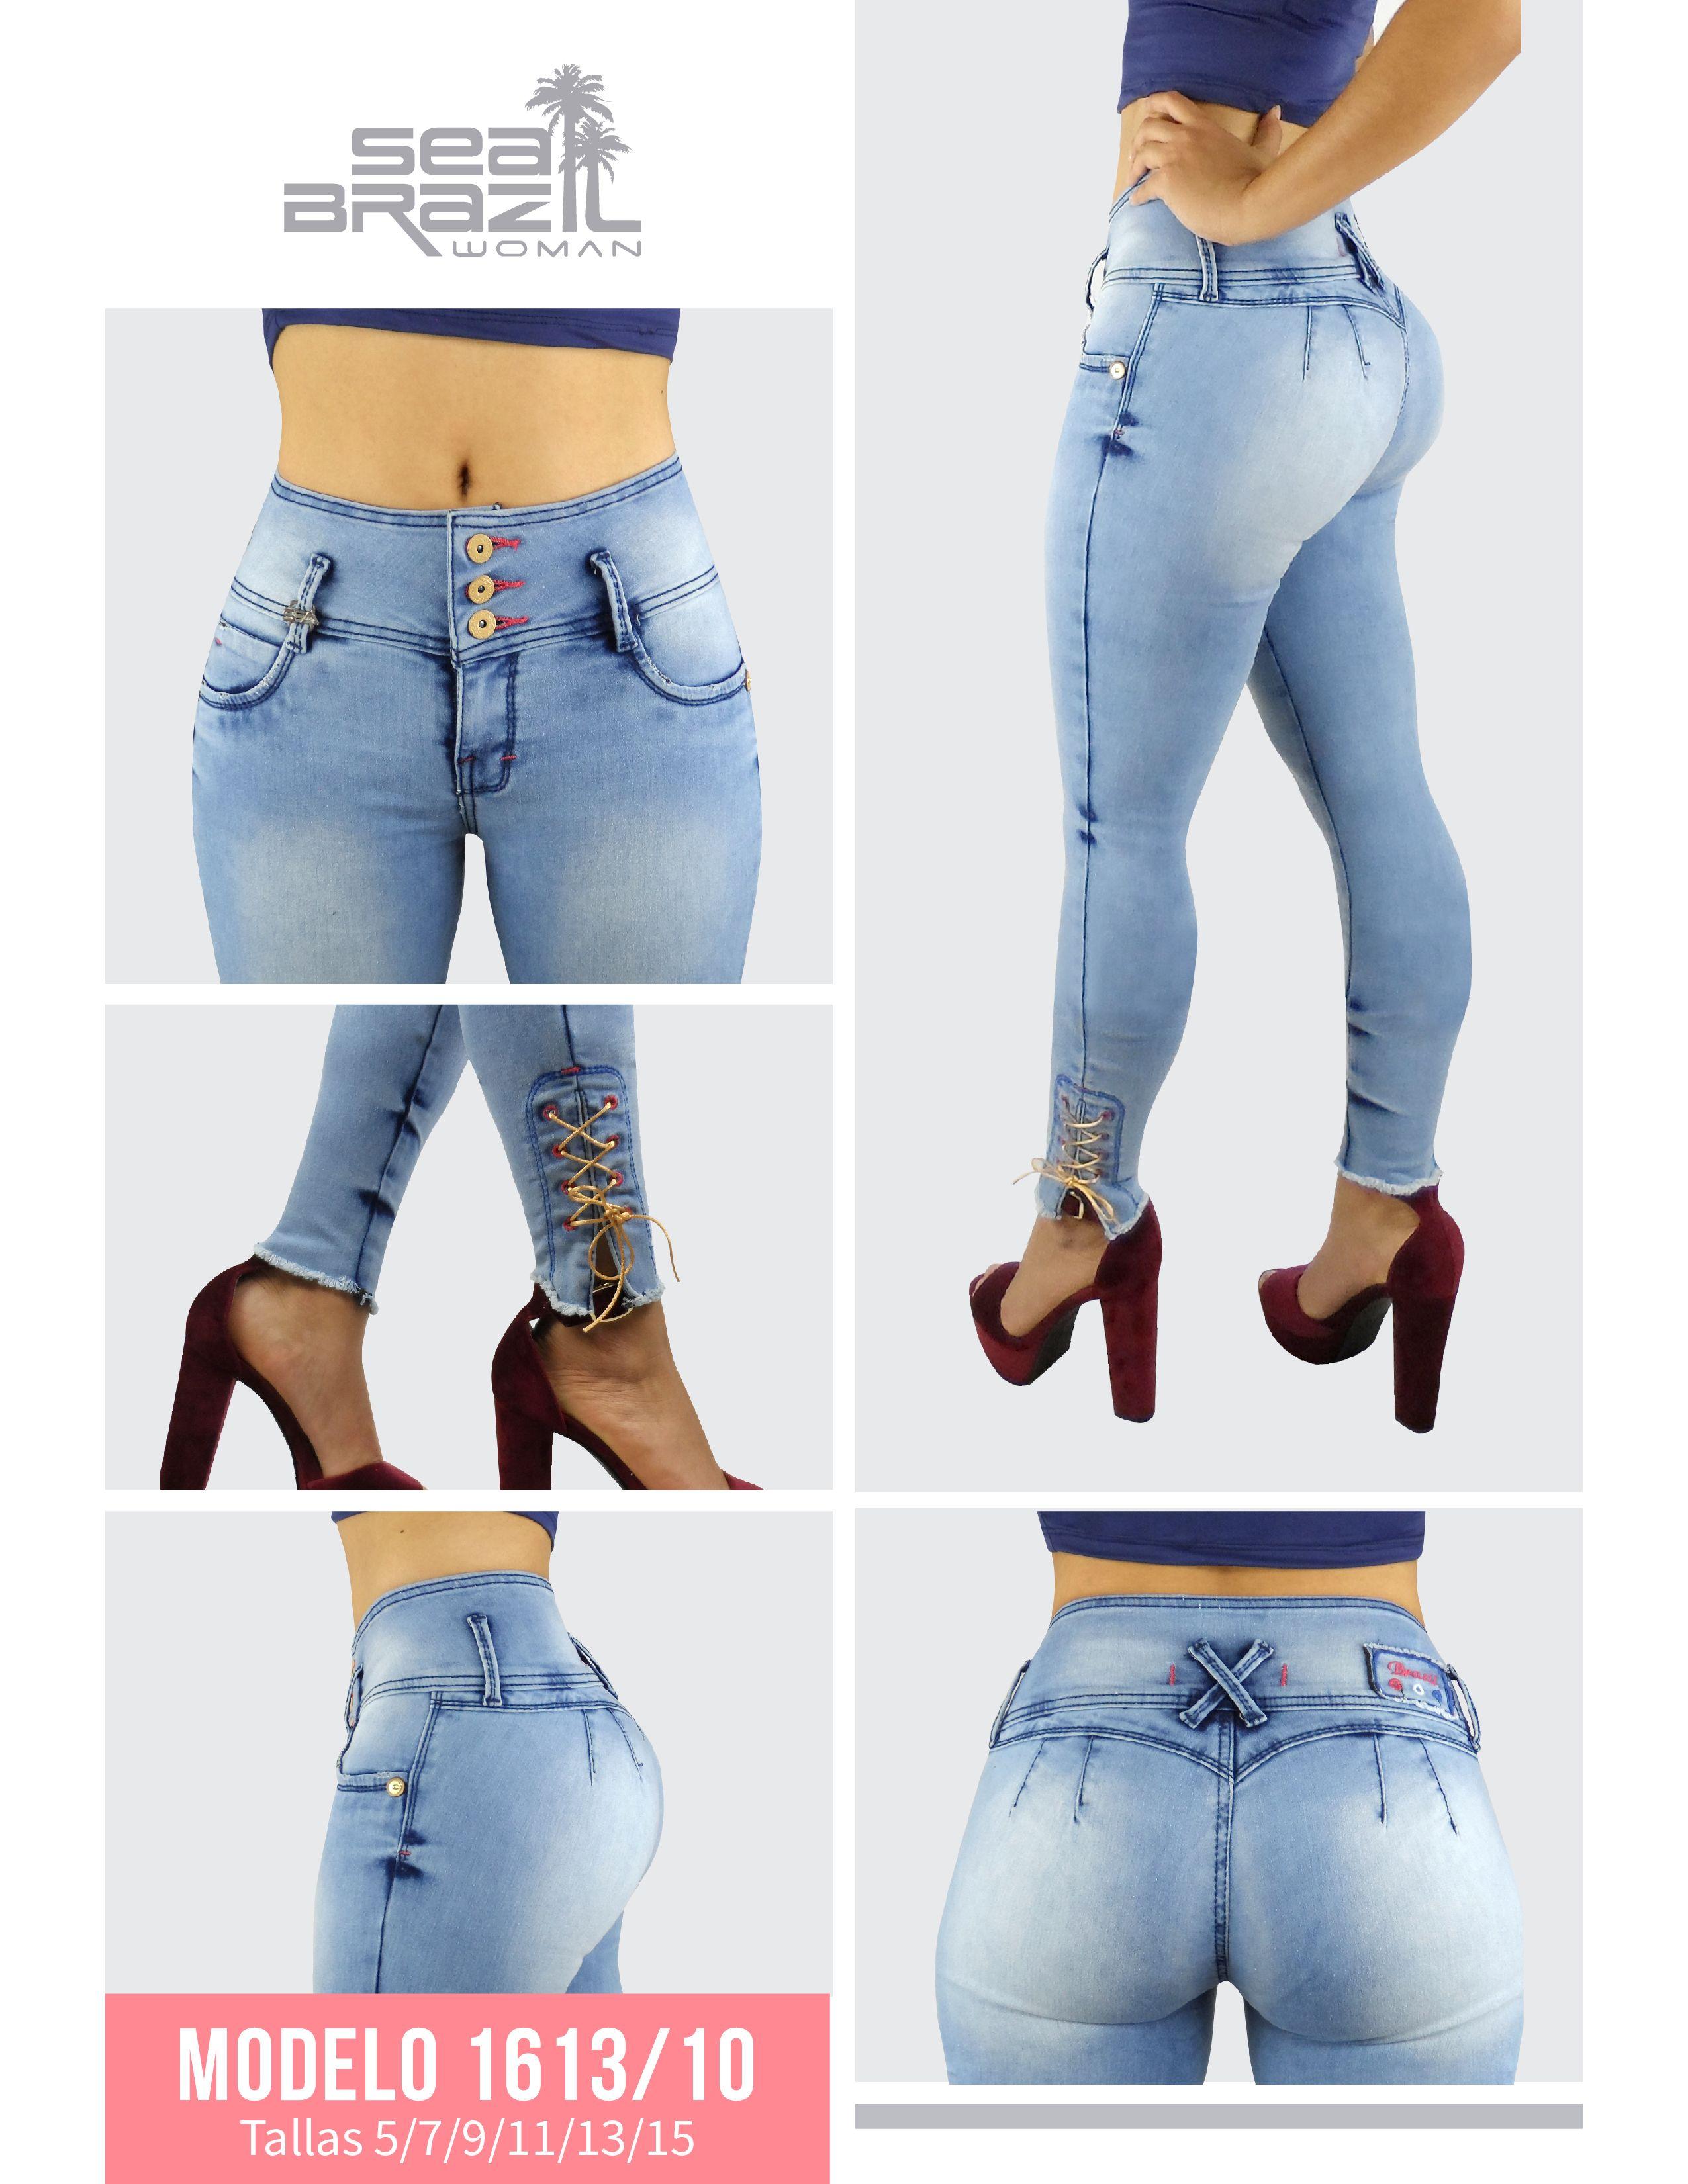 Jeans Modelo 1613 Jeans Azul Jeans Modelos